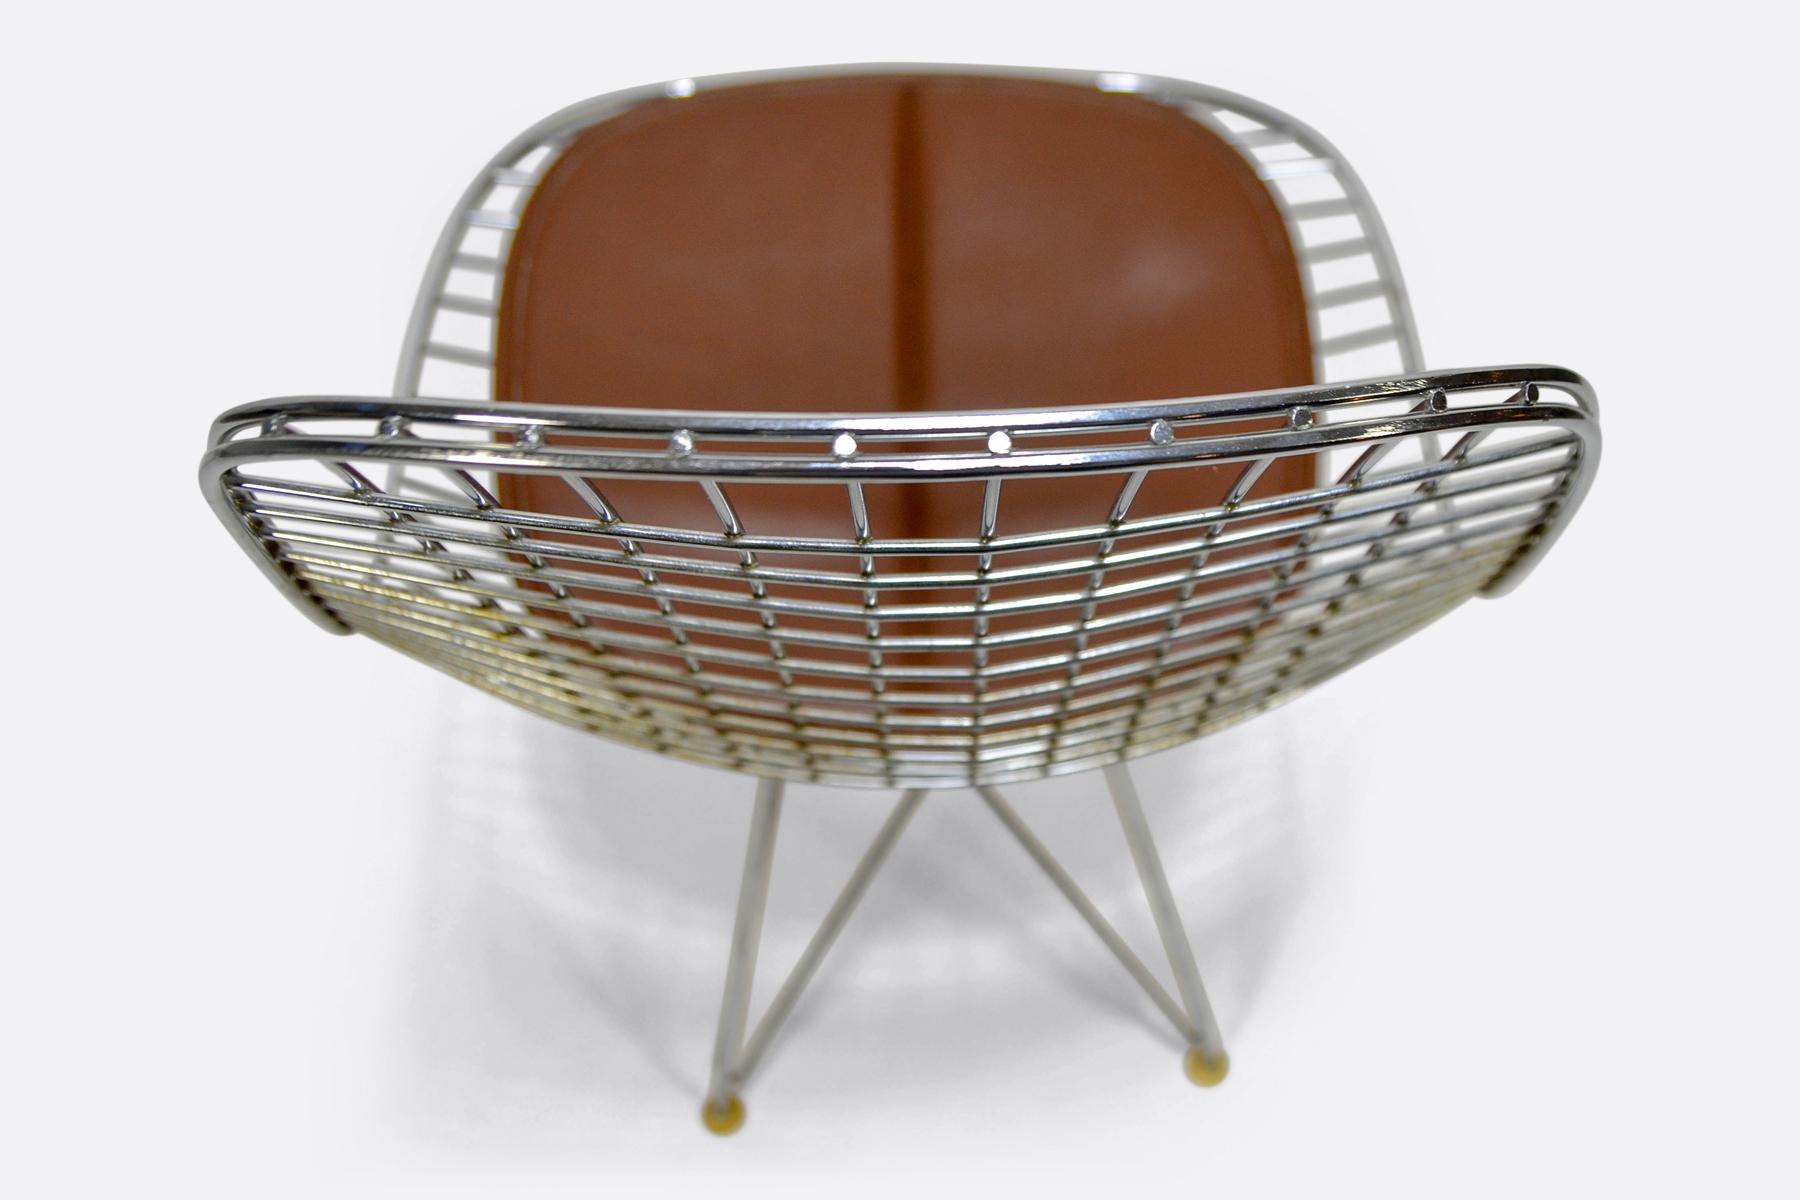 Herman miller fehlbaum wire-chair-detail